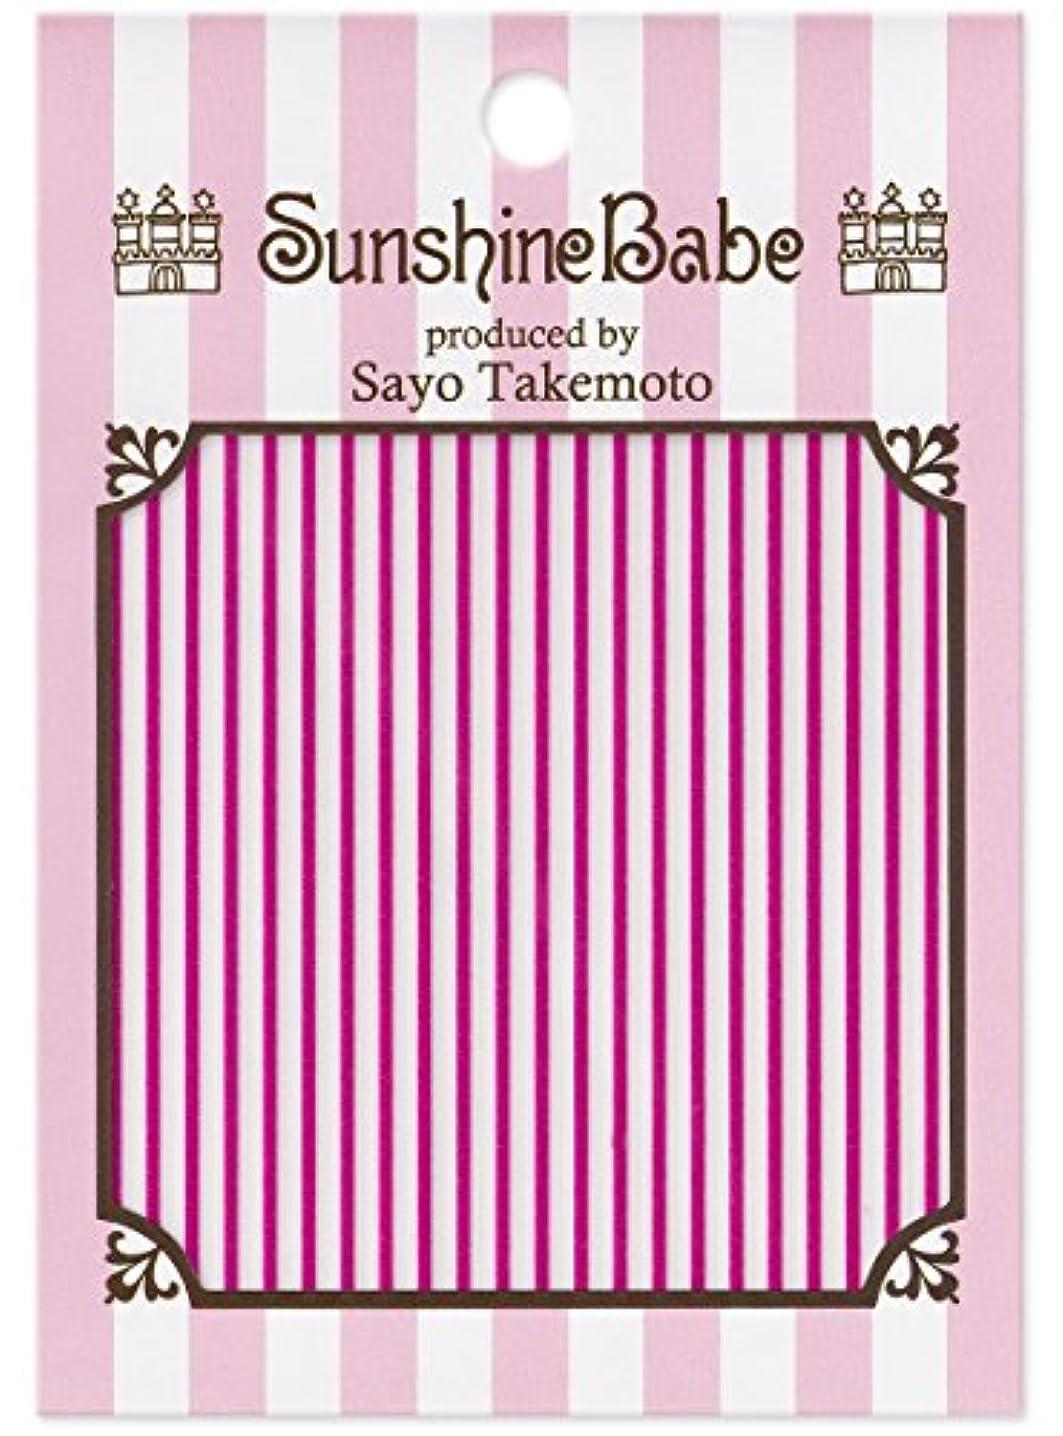 ラブダイアクリティカルイデオロギーサンシャインベビー ジェルネイル 武本小夜のネイルシール Sayo Style ストライプ 1mm ピンク